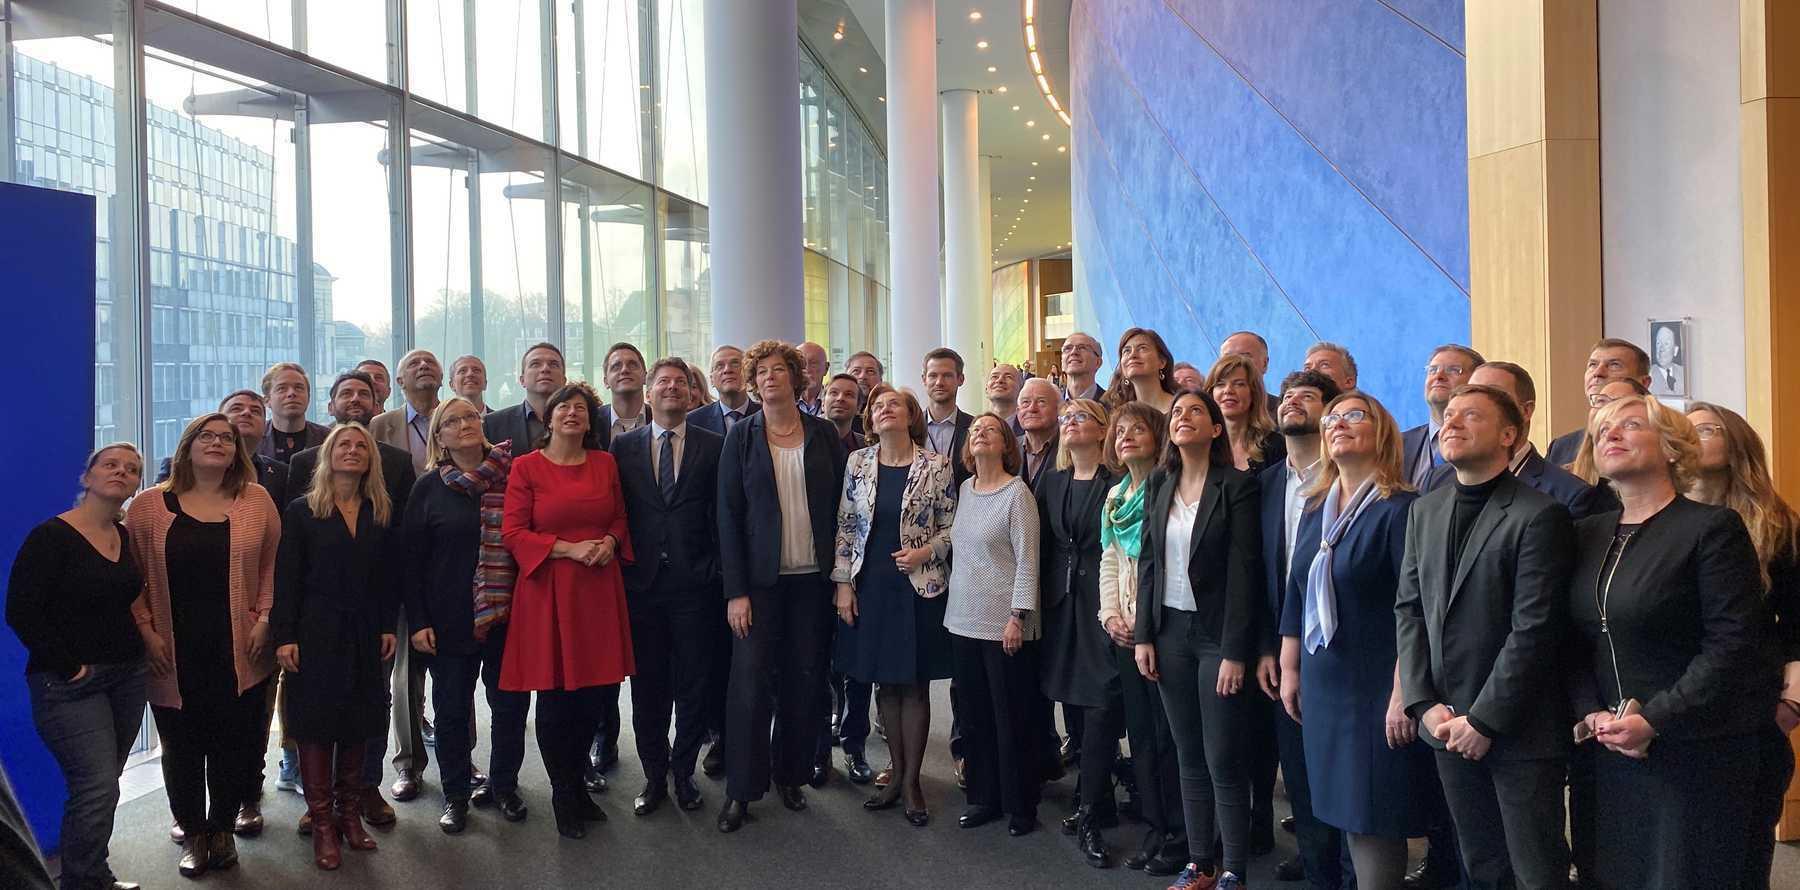 Viering 15 jaar Commissie Interne Markt en Consumentenbescherming